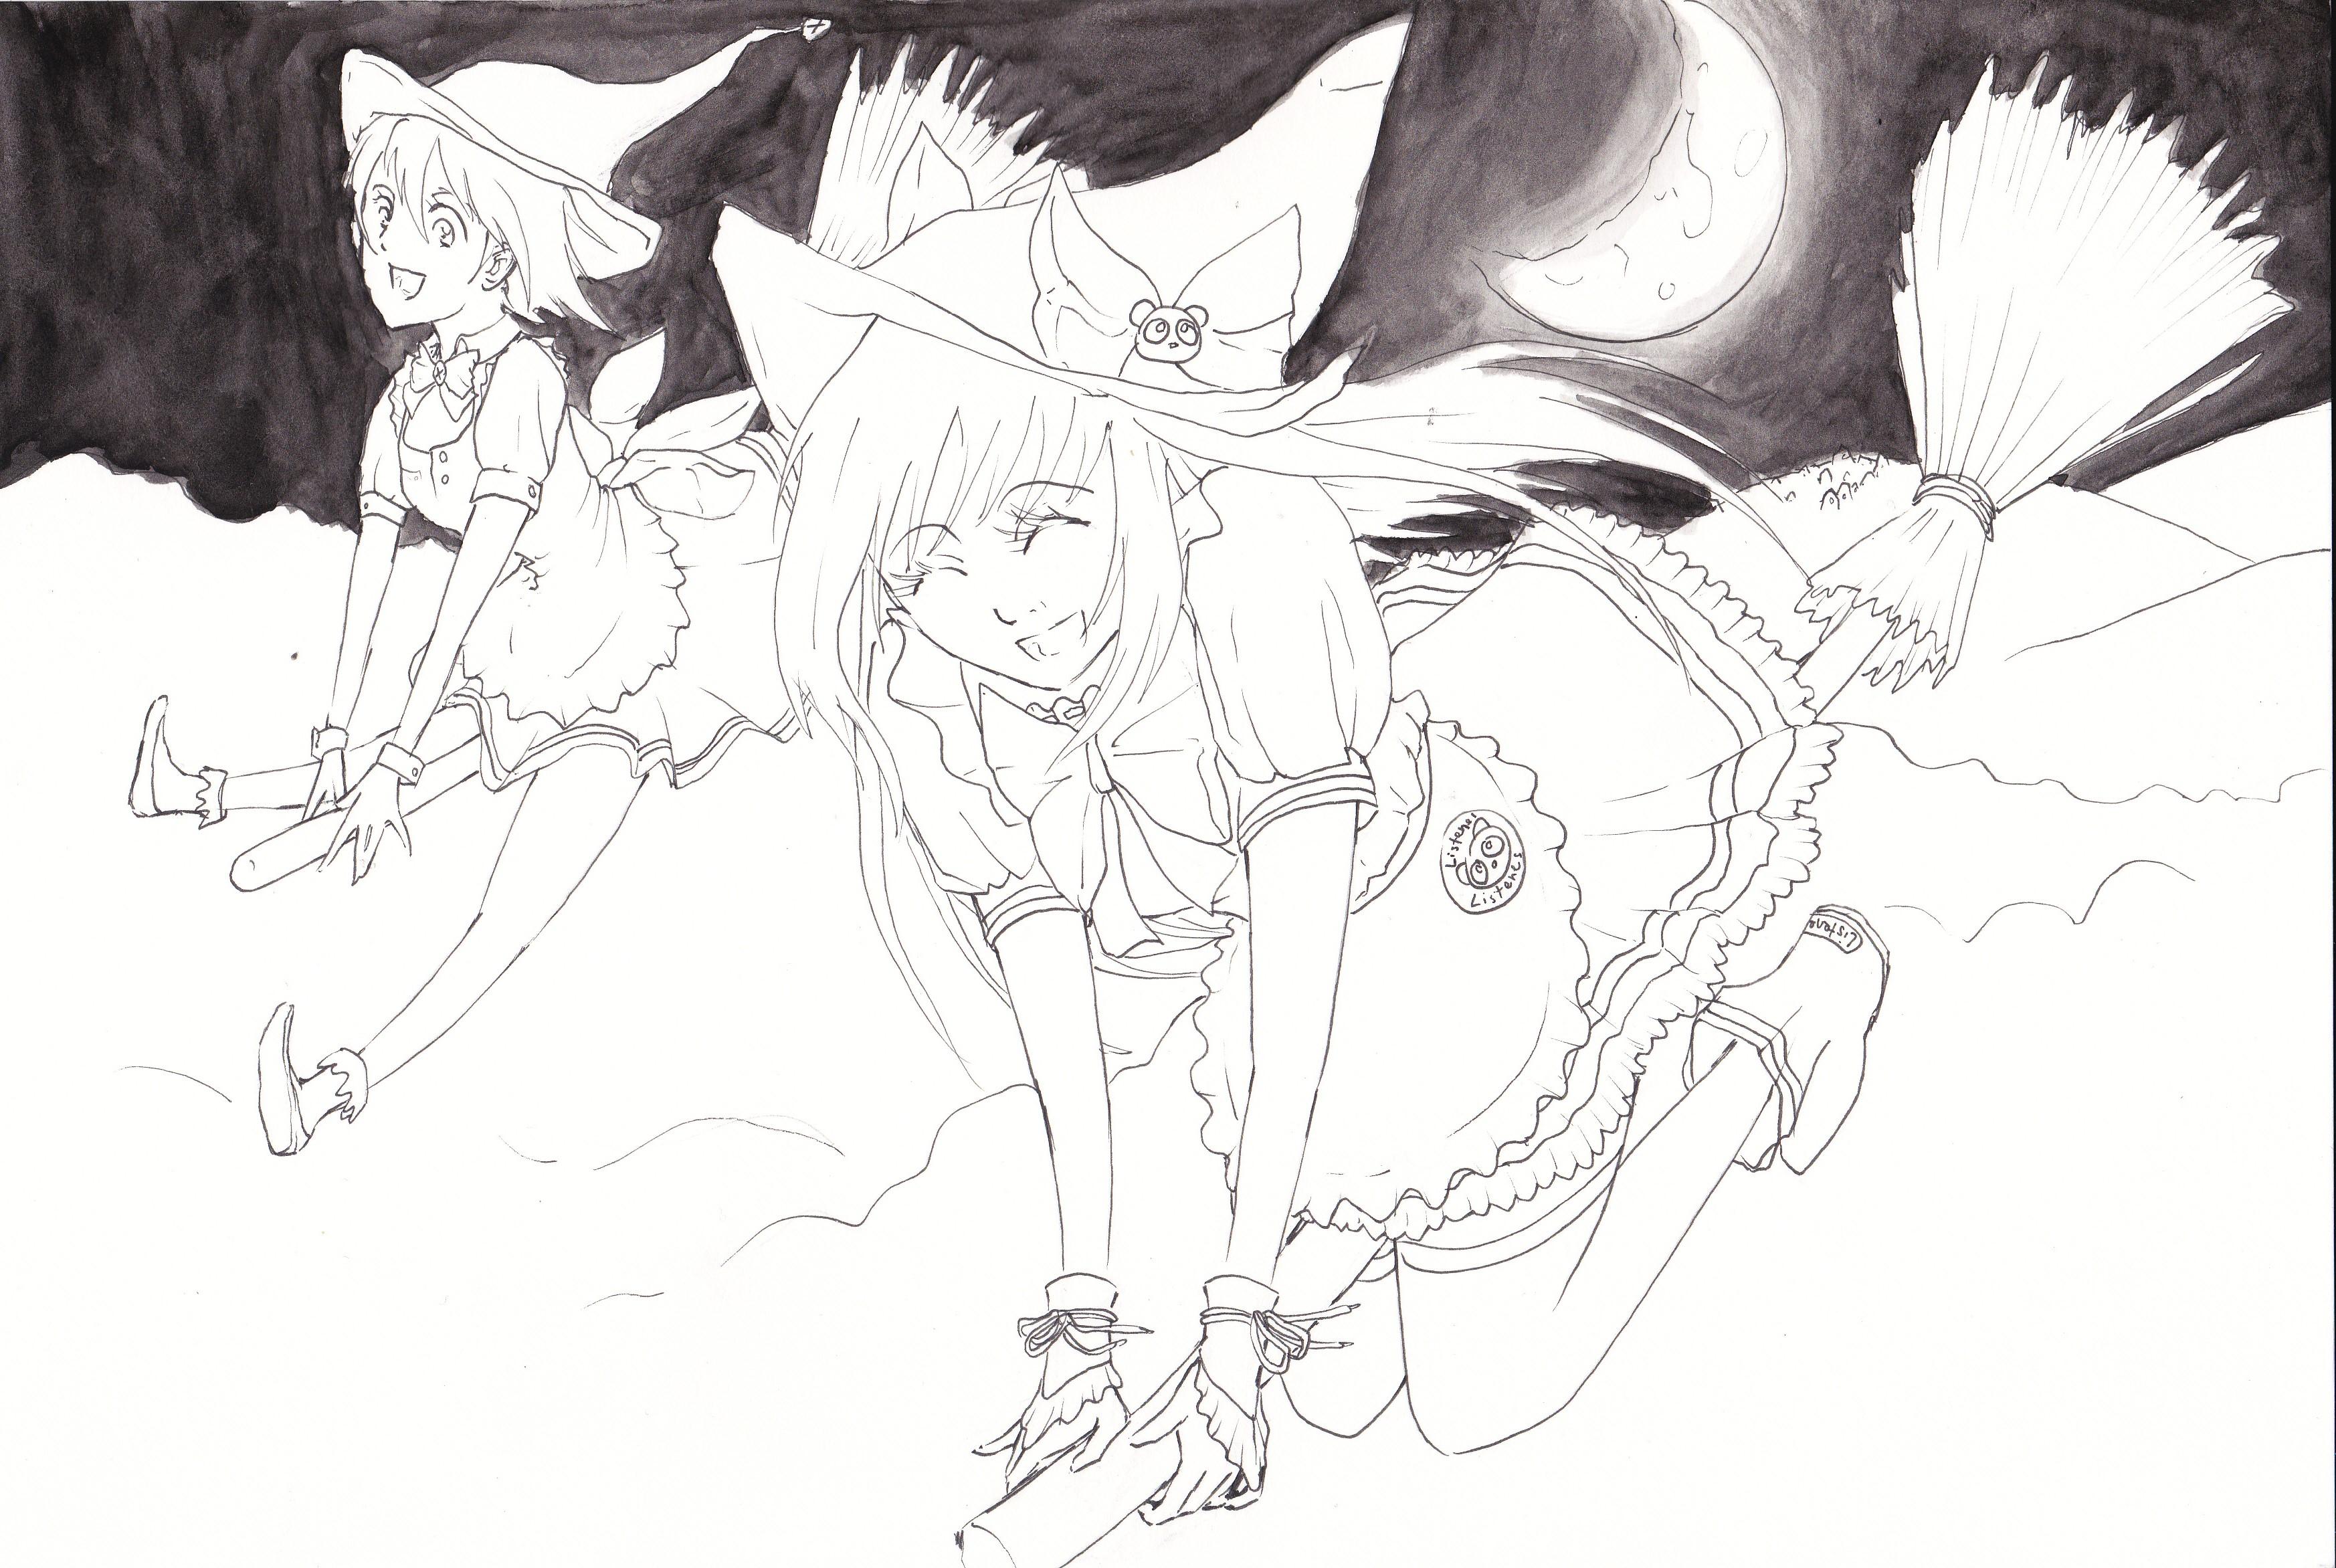 Tomoko und Choco auf ihrem Weg zum Blocksberg - Entwicklungsprozess (2)